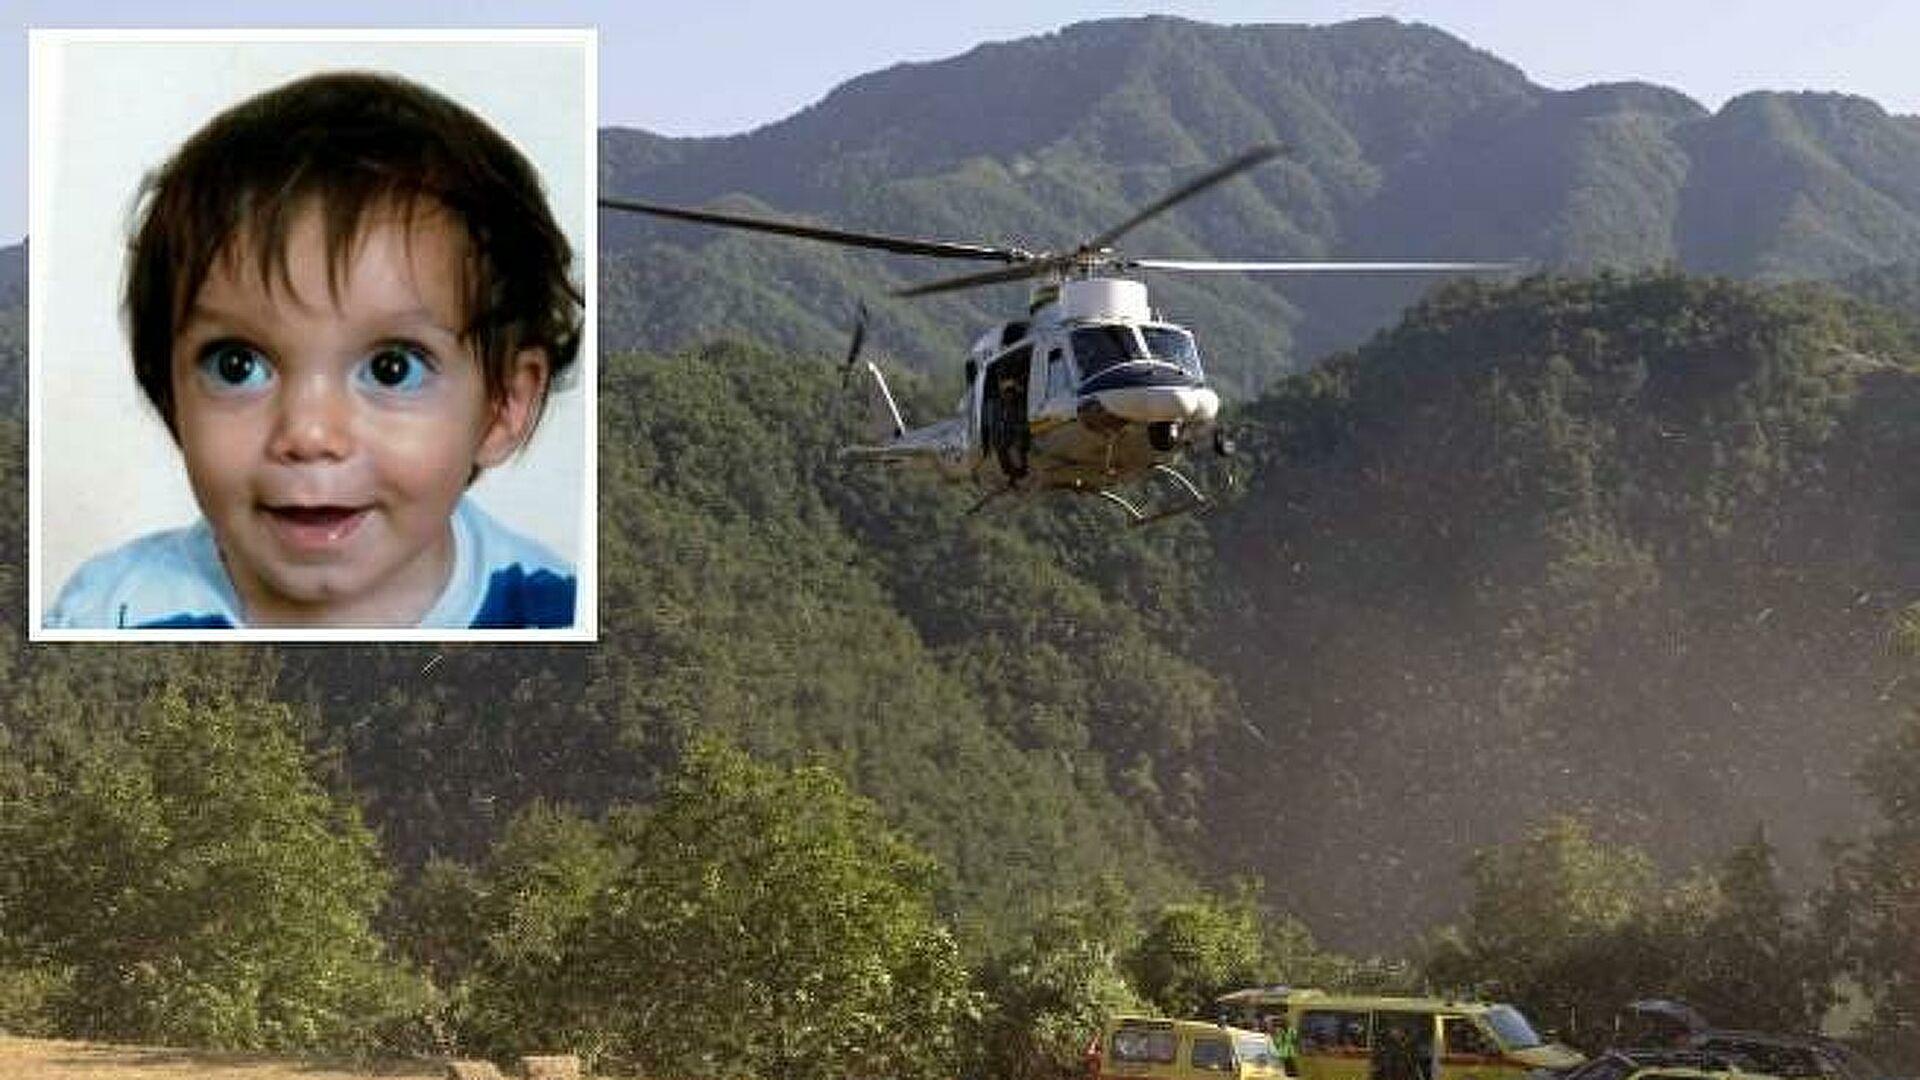 Συναγερμός για 2 ετών παιδάκι που εξαφανίστηκε